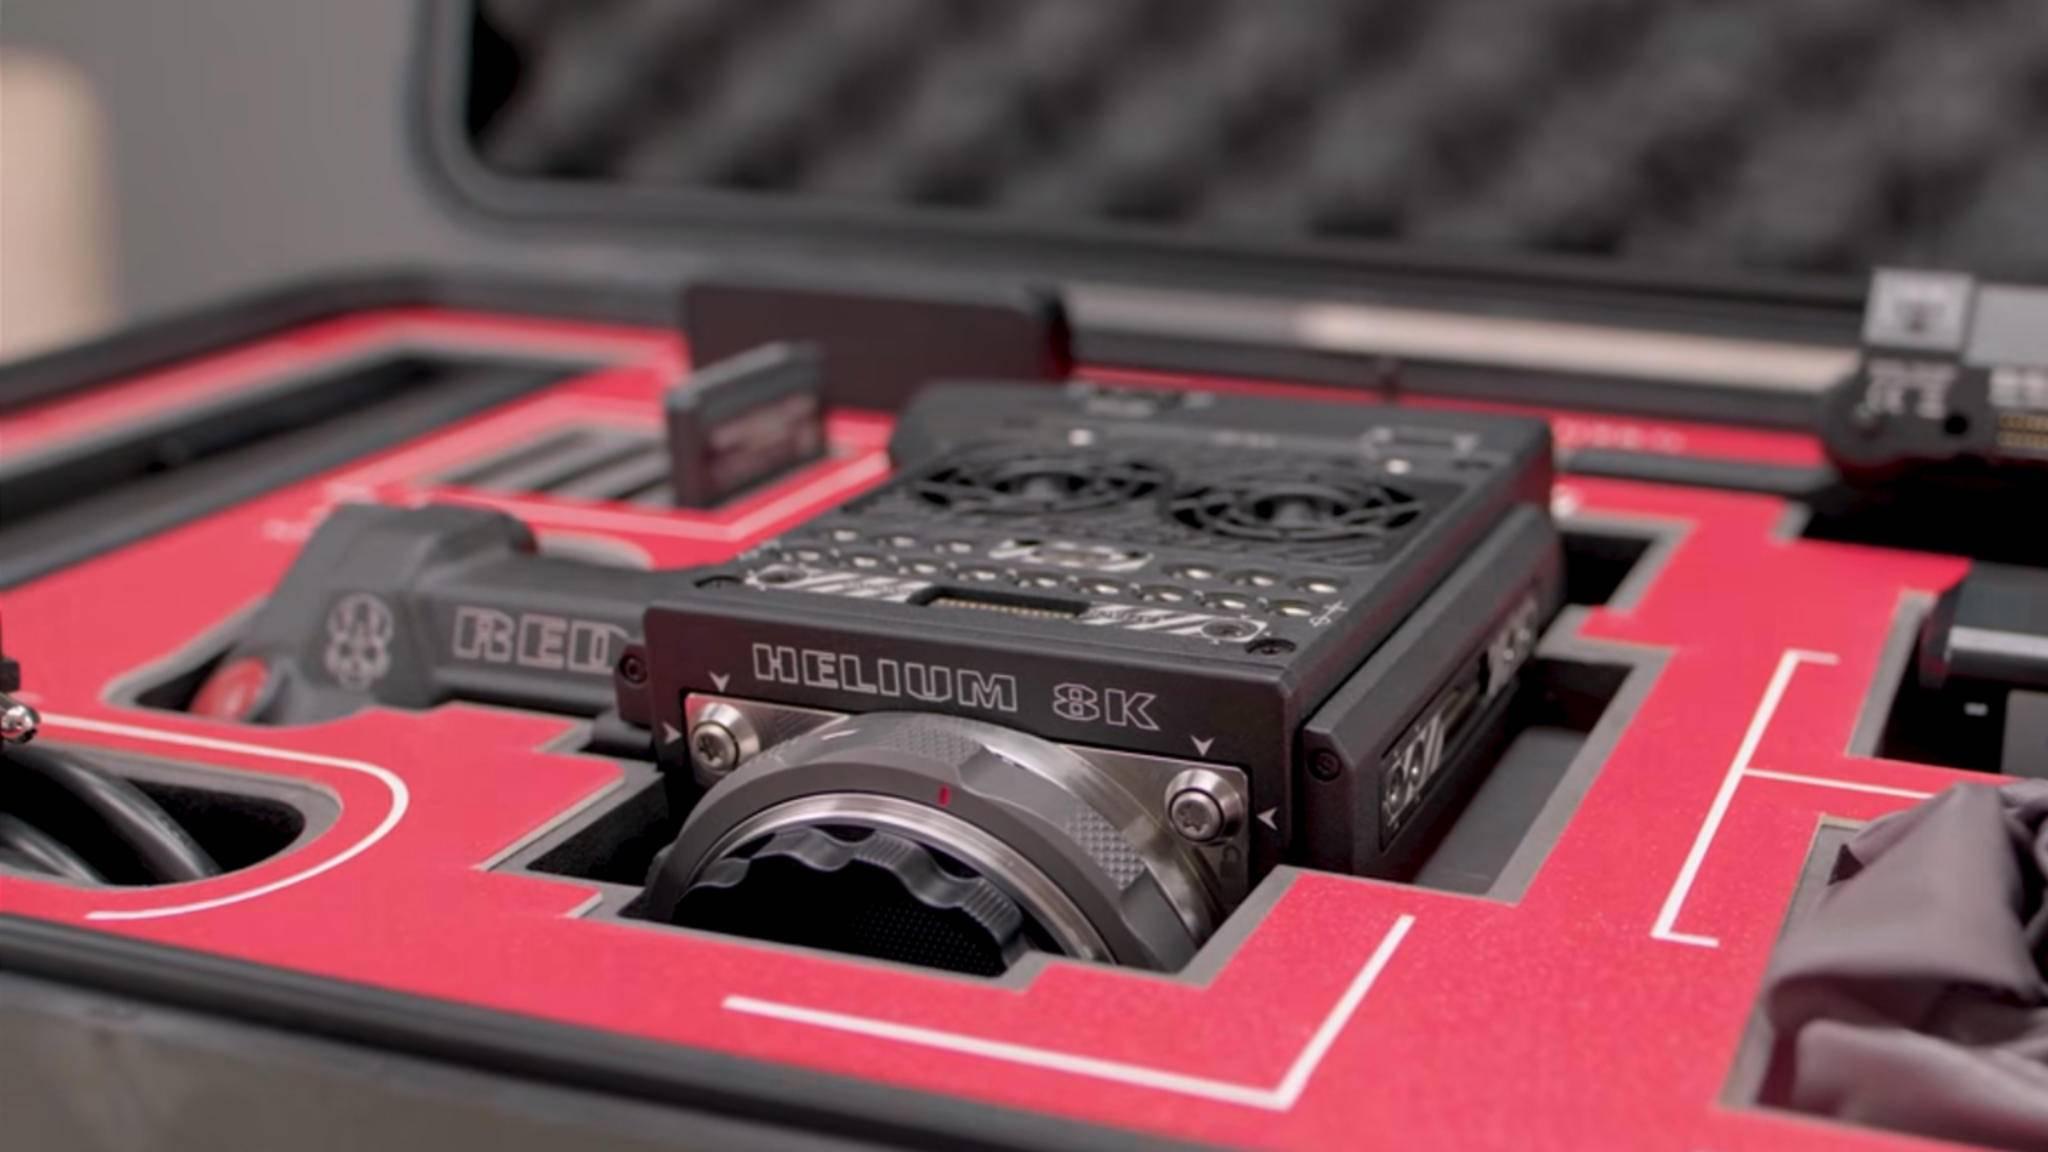 Alleine der Body der RED Epic-W kostet derzeit rund 30.000 Euro.